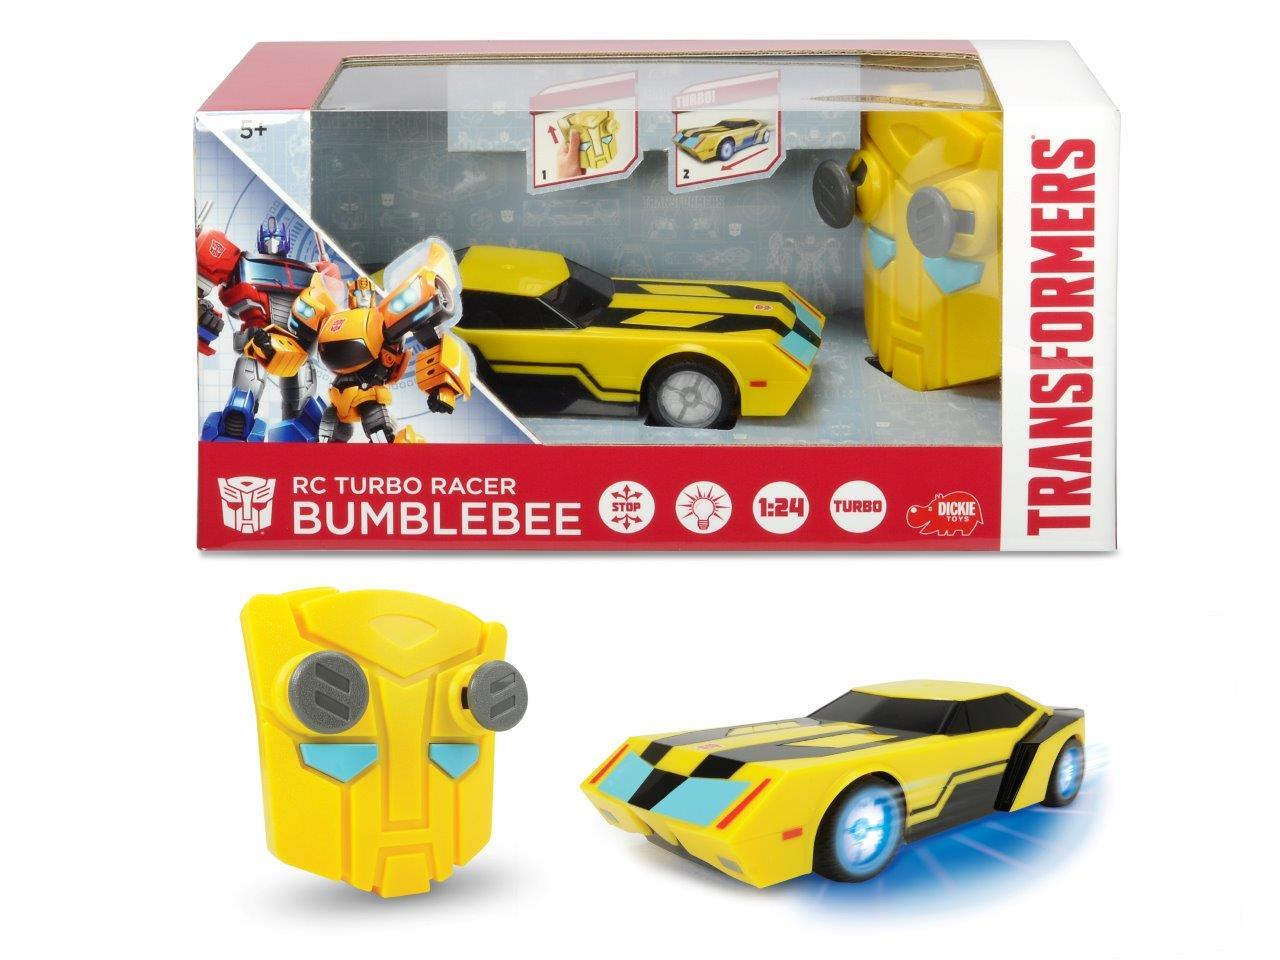 RC Turbo Racer Bumblebee